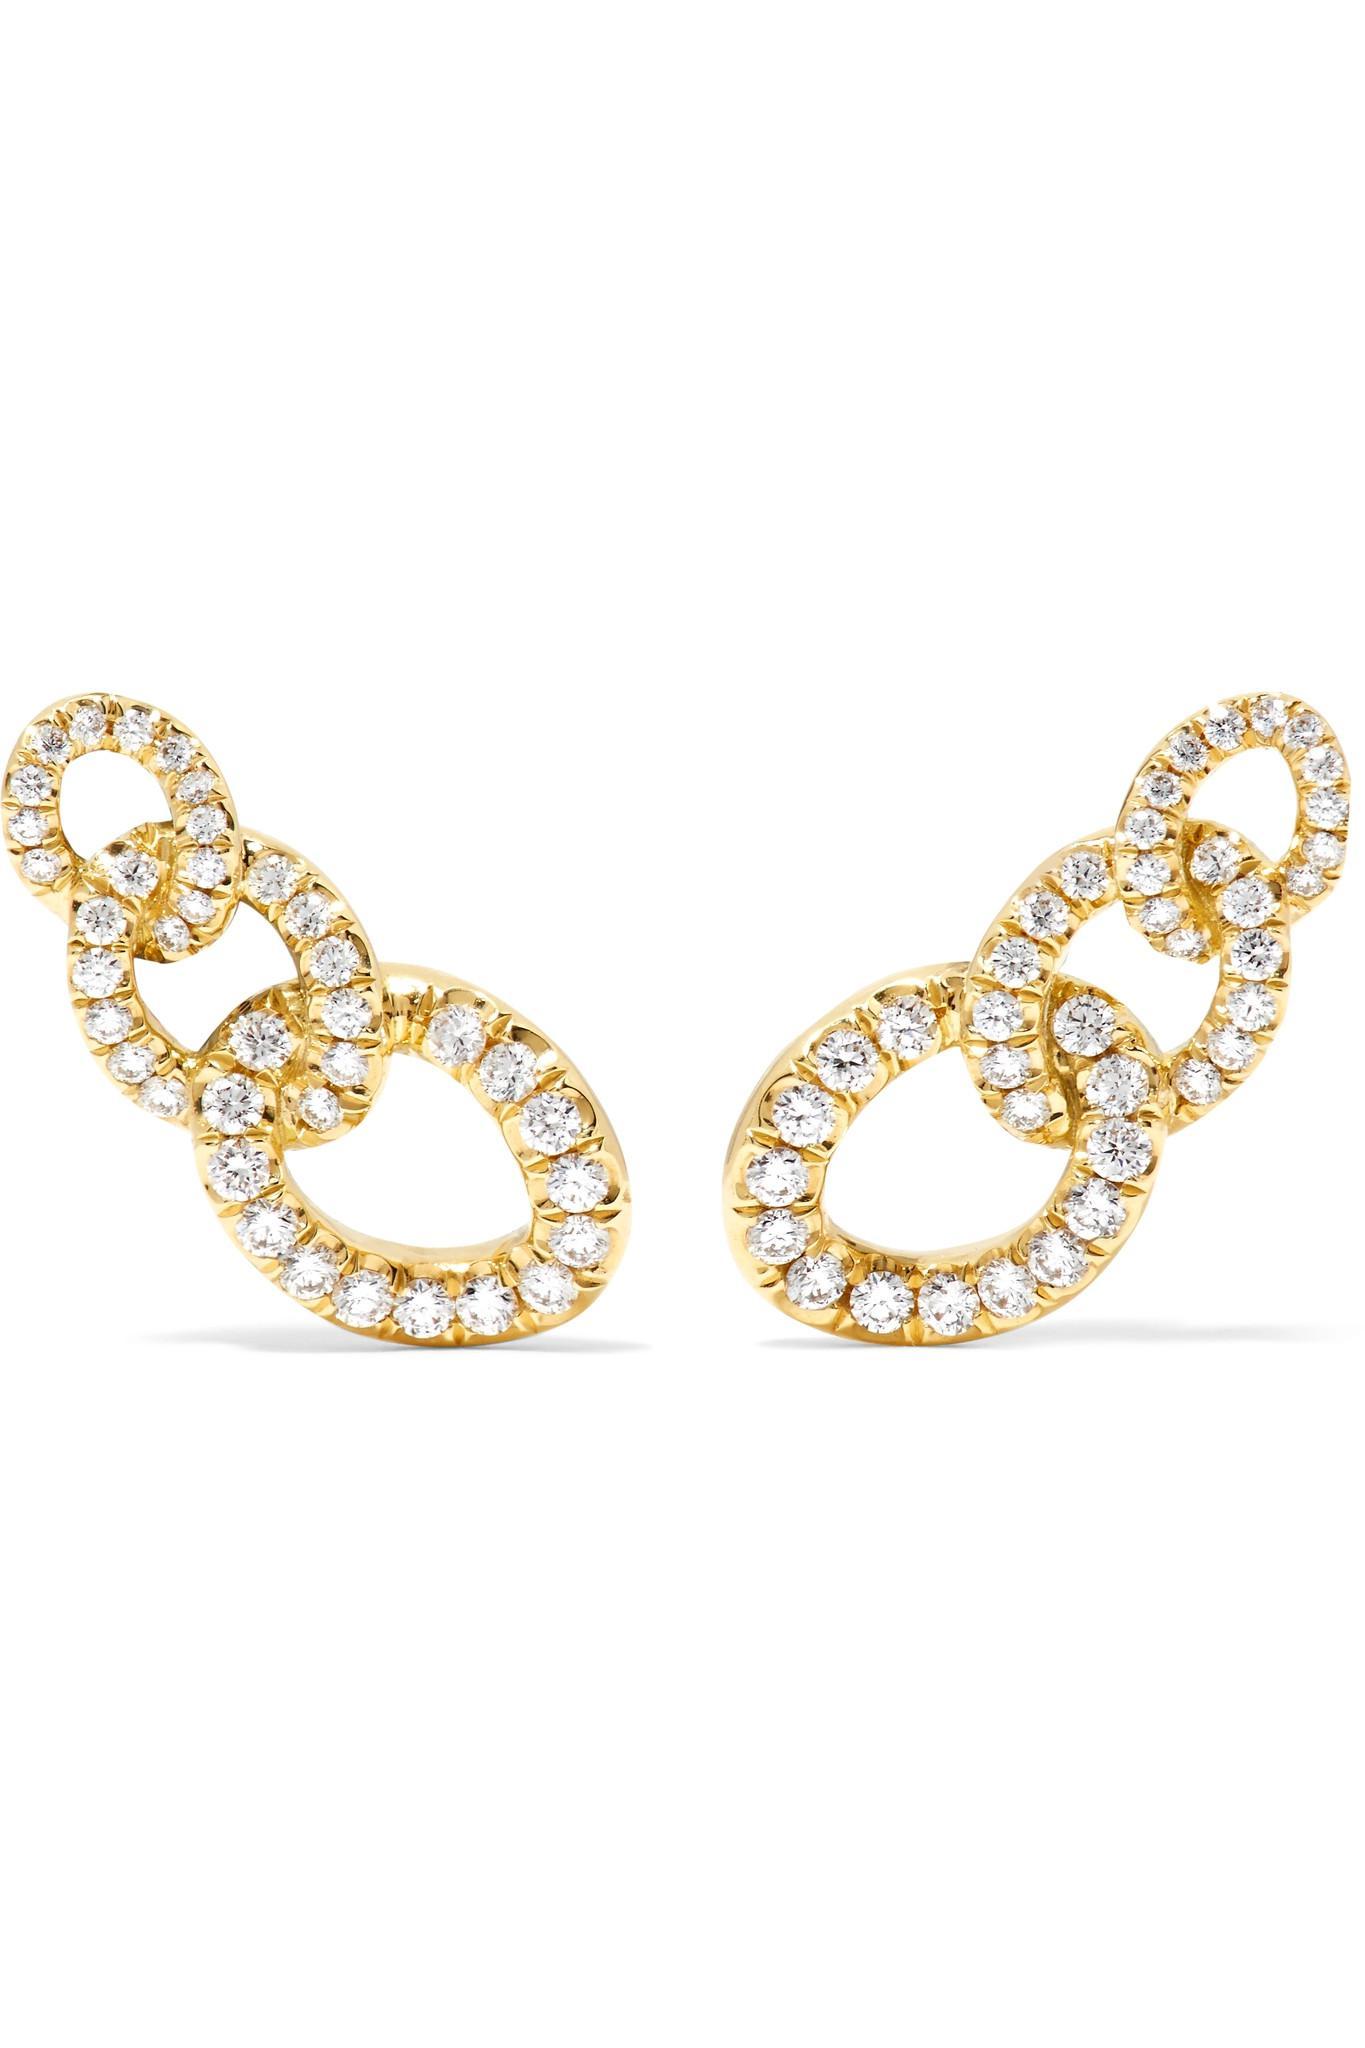 Jemma Wynne 18-karat Rose Gold Diamond Earrings SogLwbB